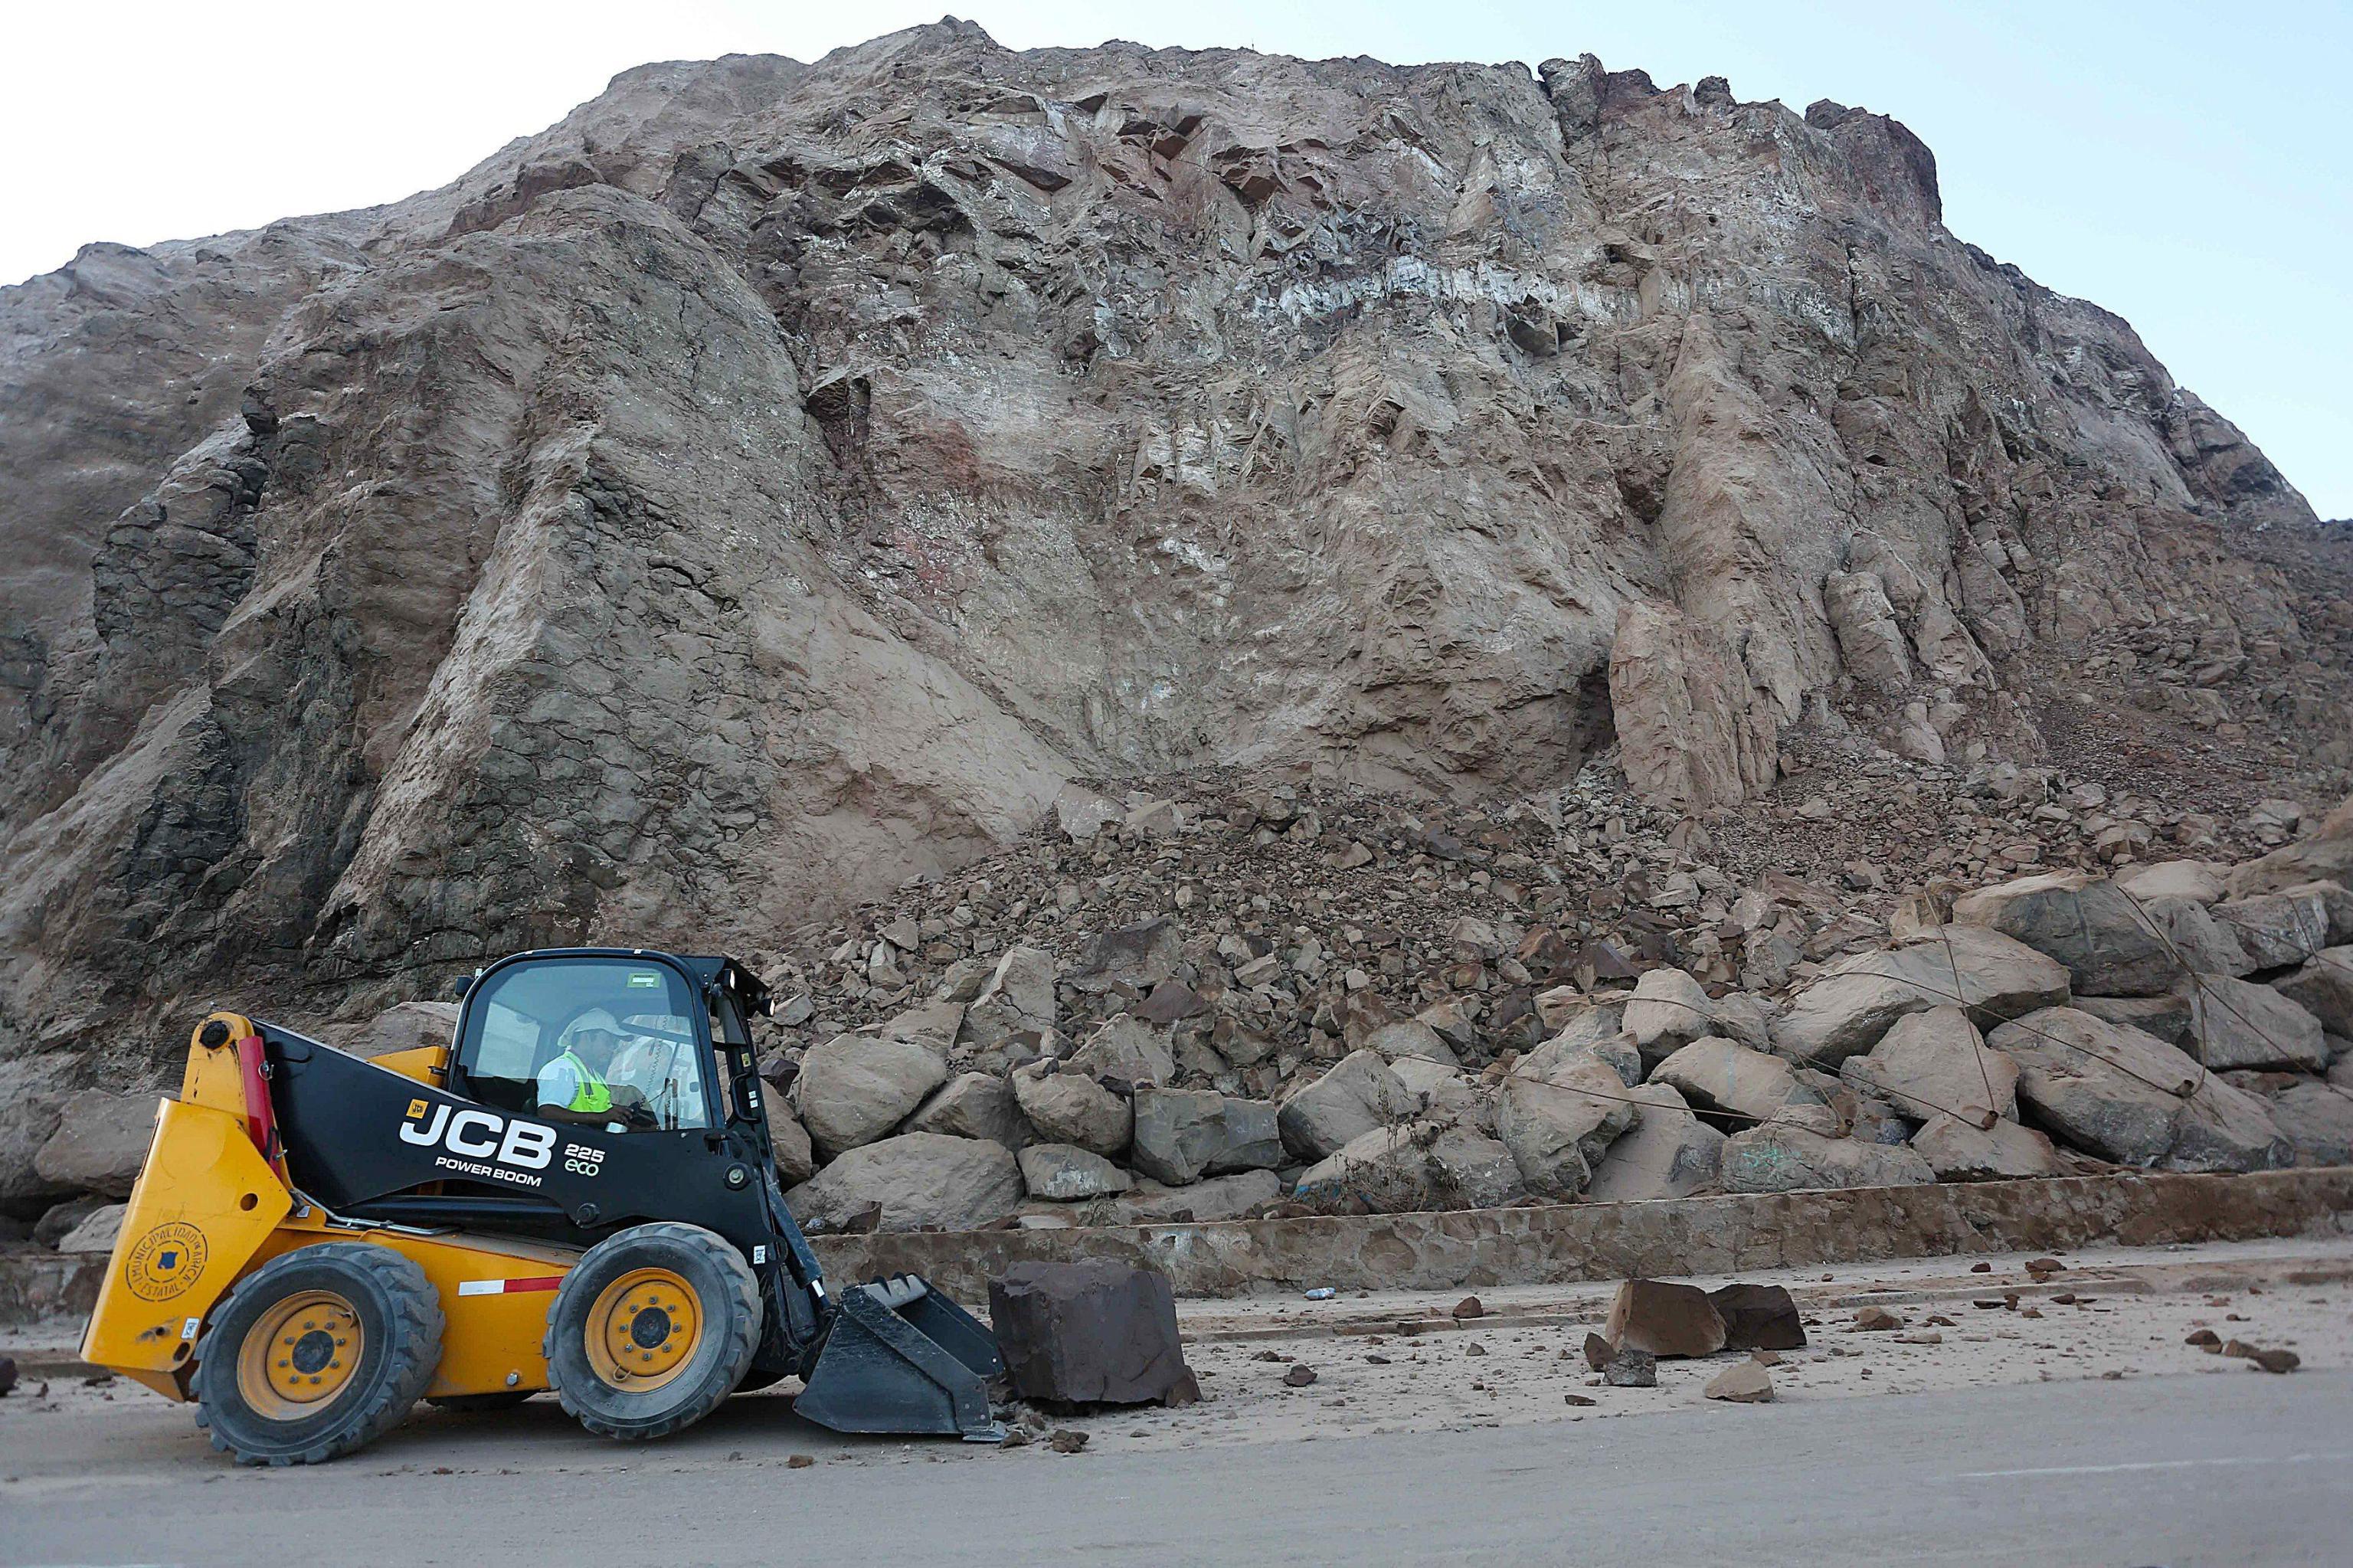 Cile: frana su villaggio, 3 morti